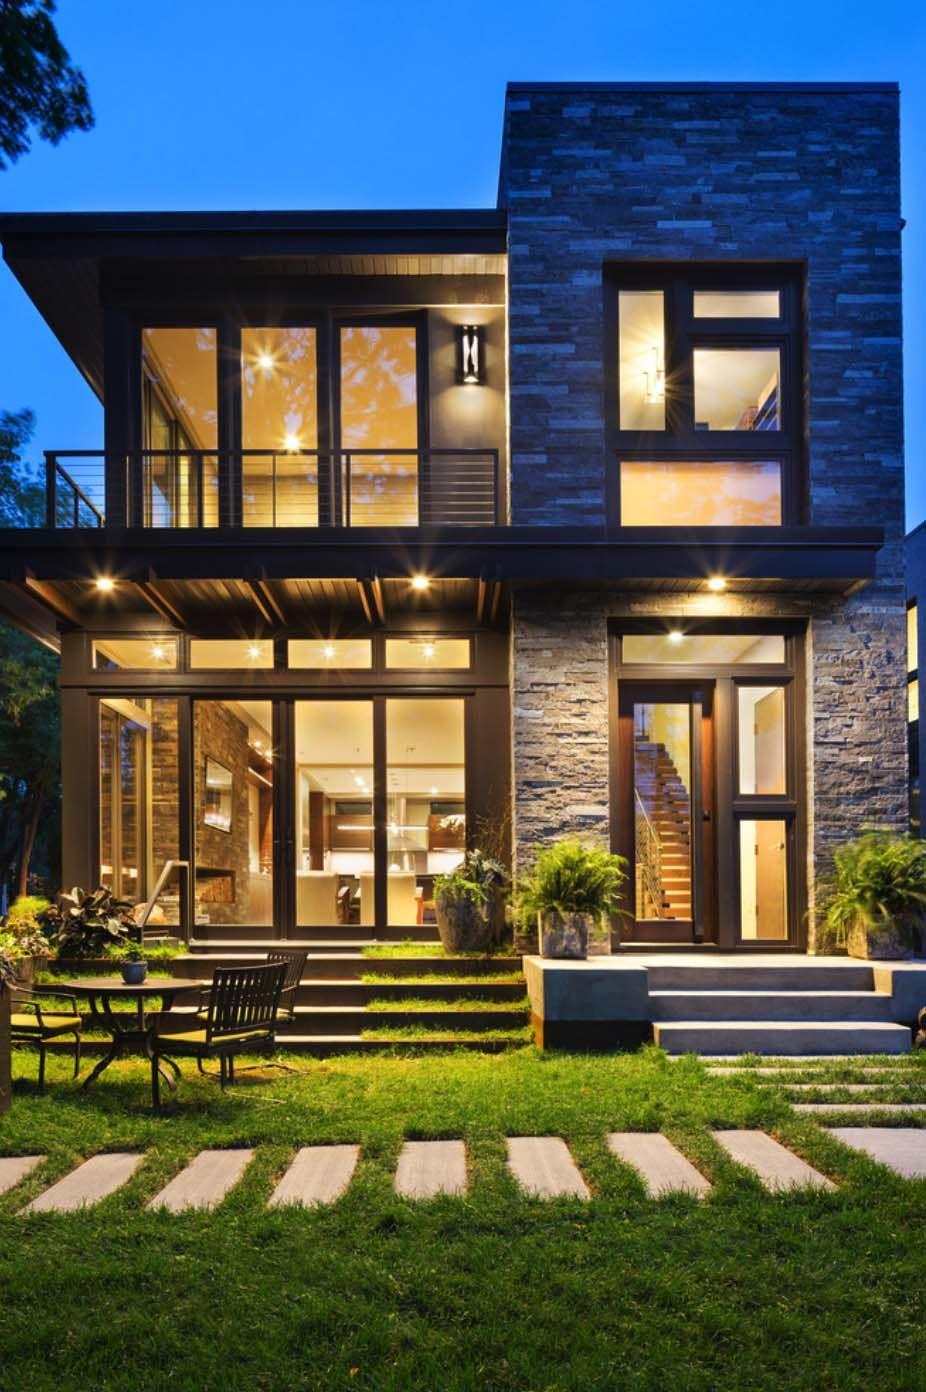 Idyllische, moderne Residenz mit privilegiertem Blick auf den Calhoun-See - Besten Haus Dekoration #hausdesign